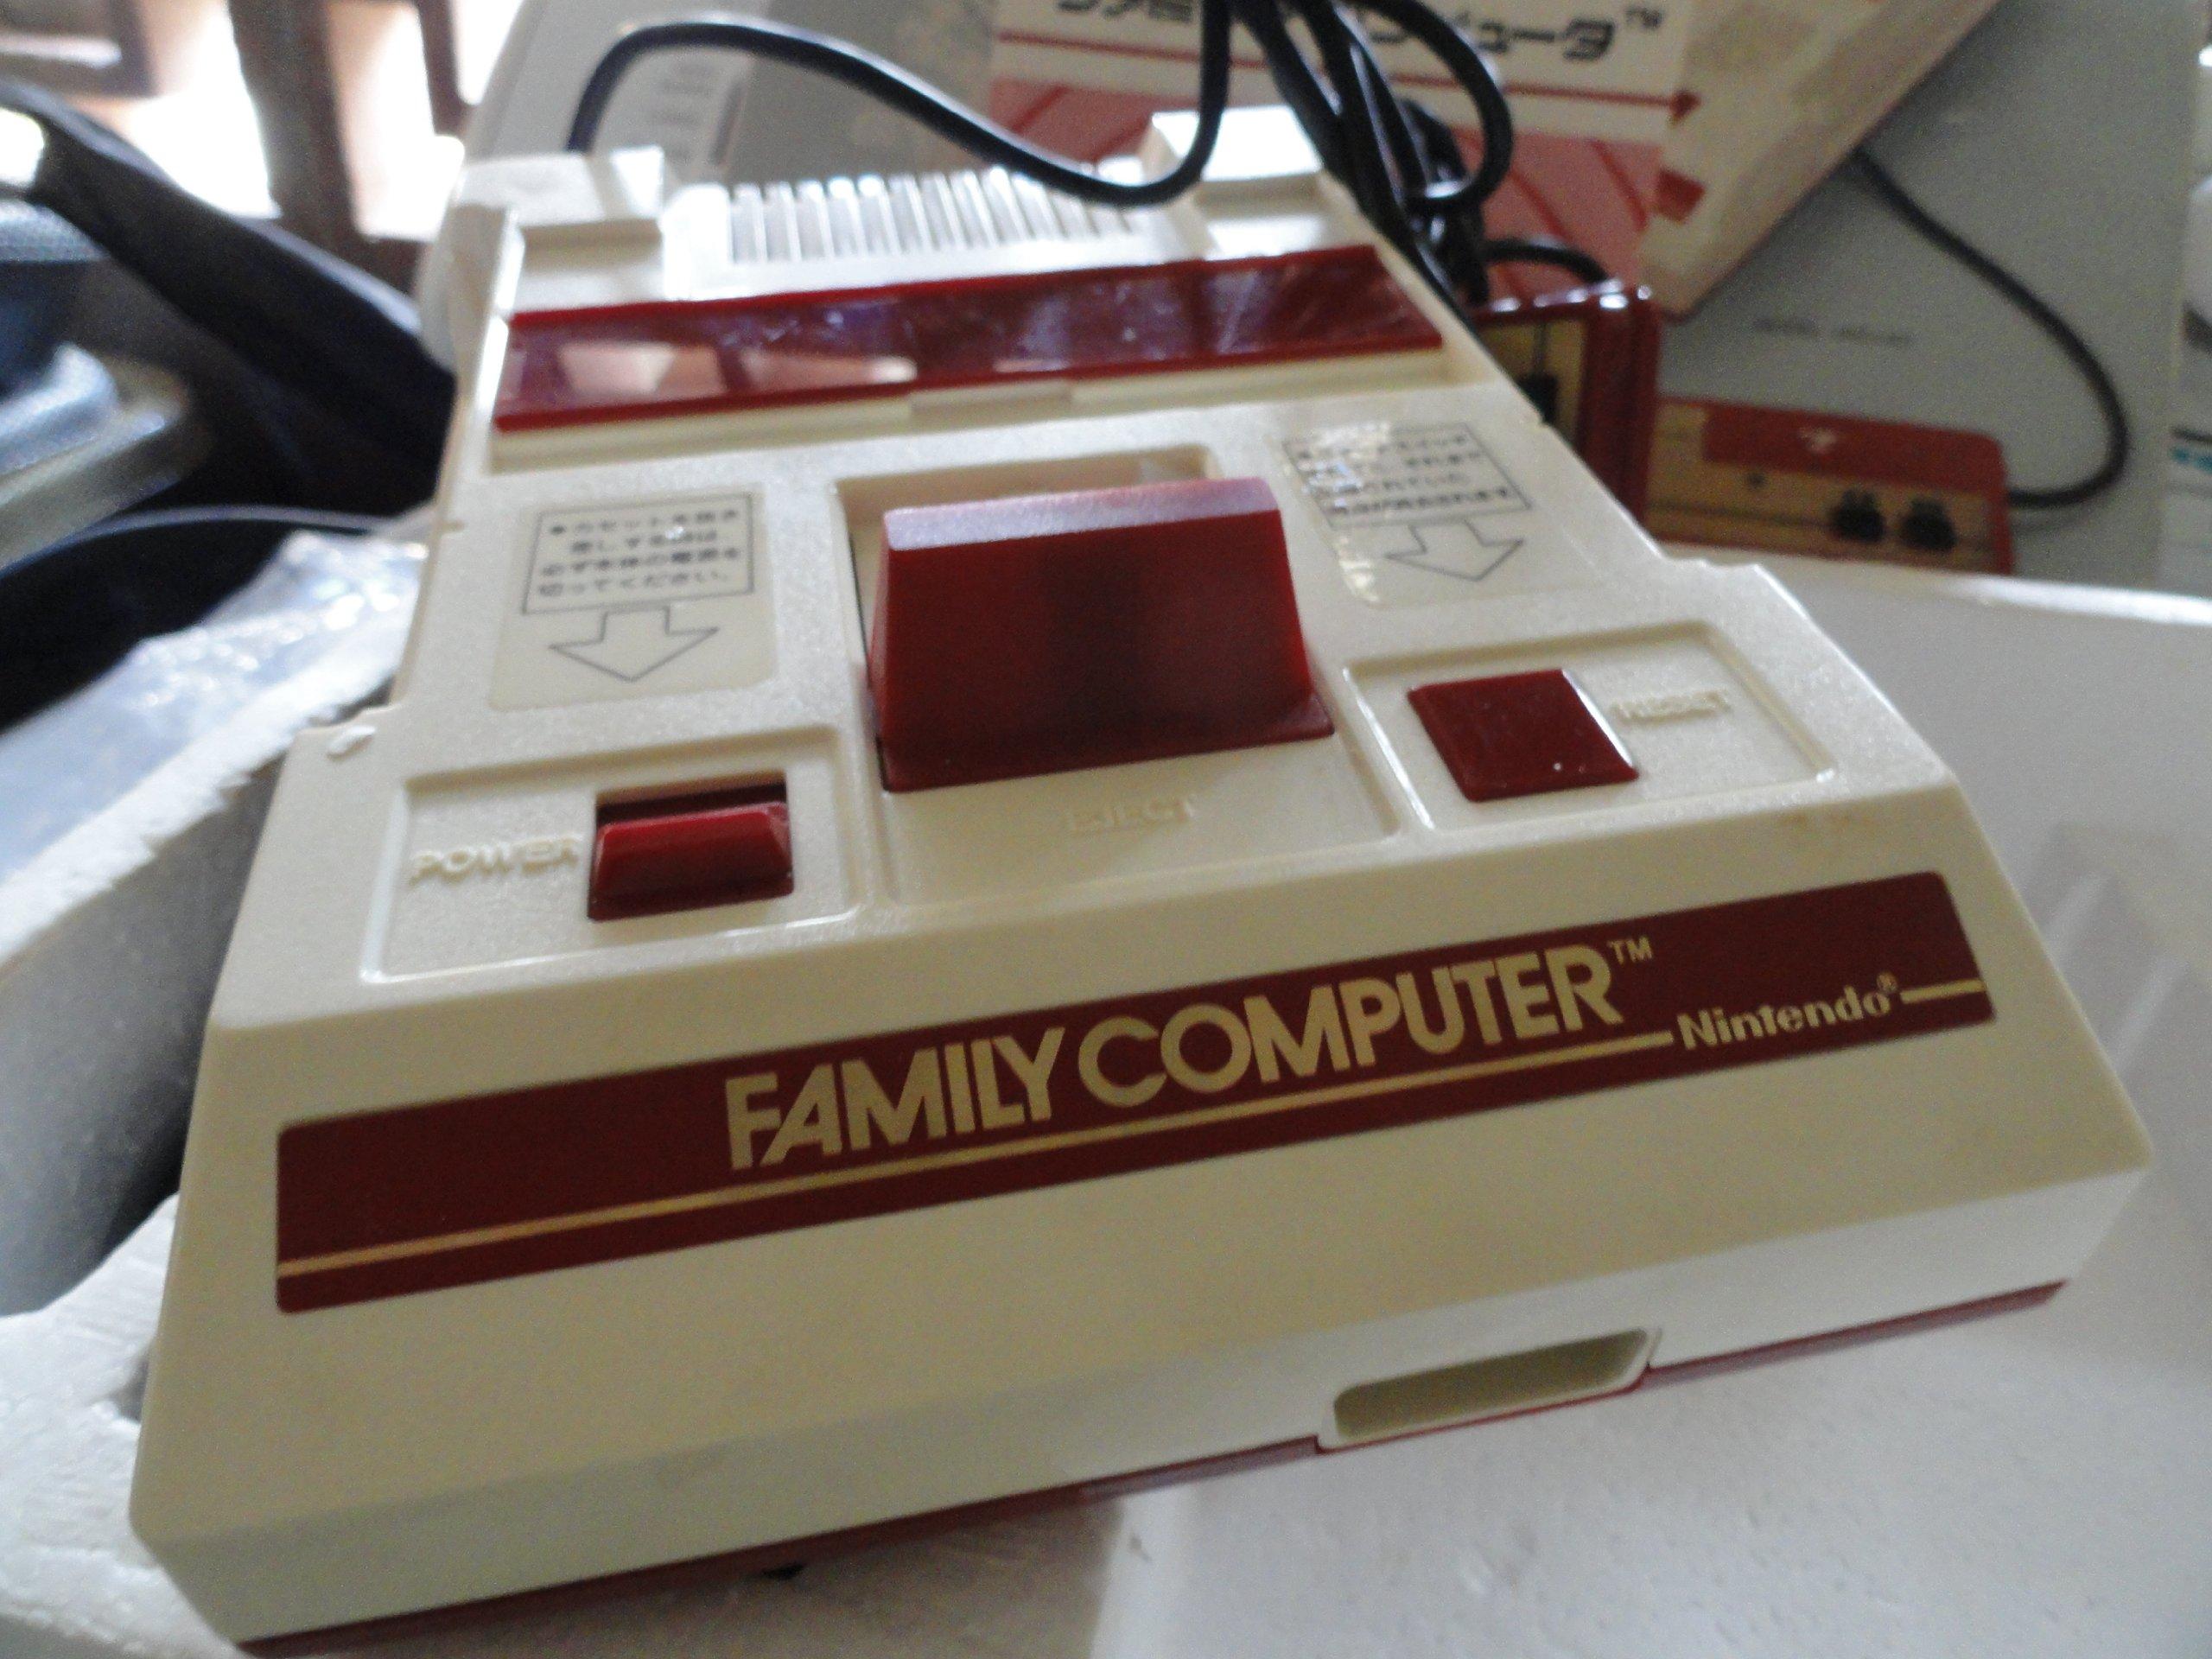 Nintendo Famicom (Family Computer System), Original 1983 Japanese Console by Nintendo (Image #8)